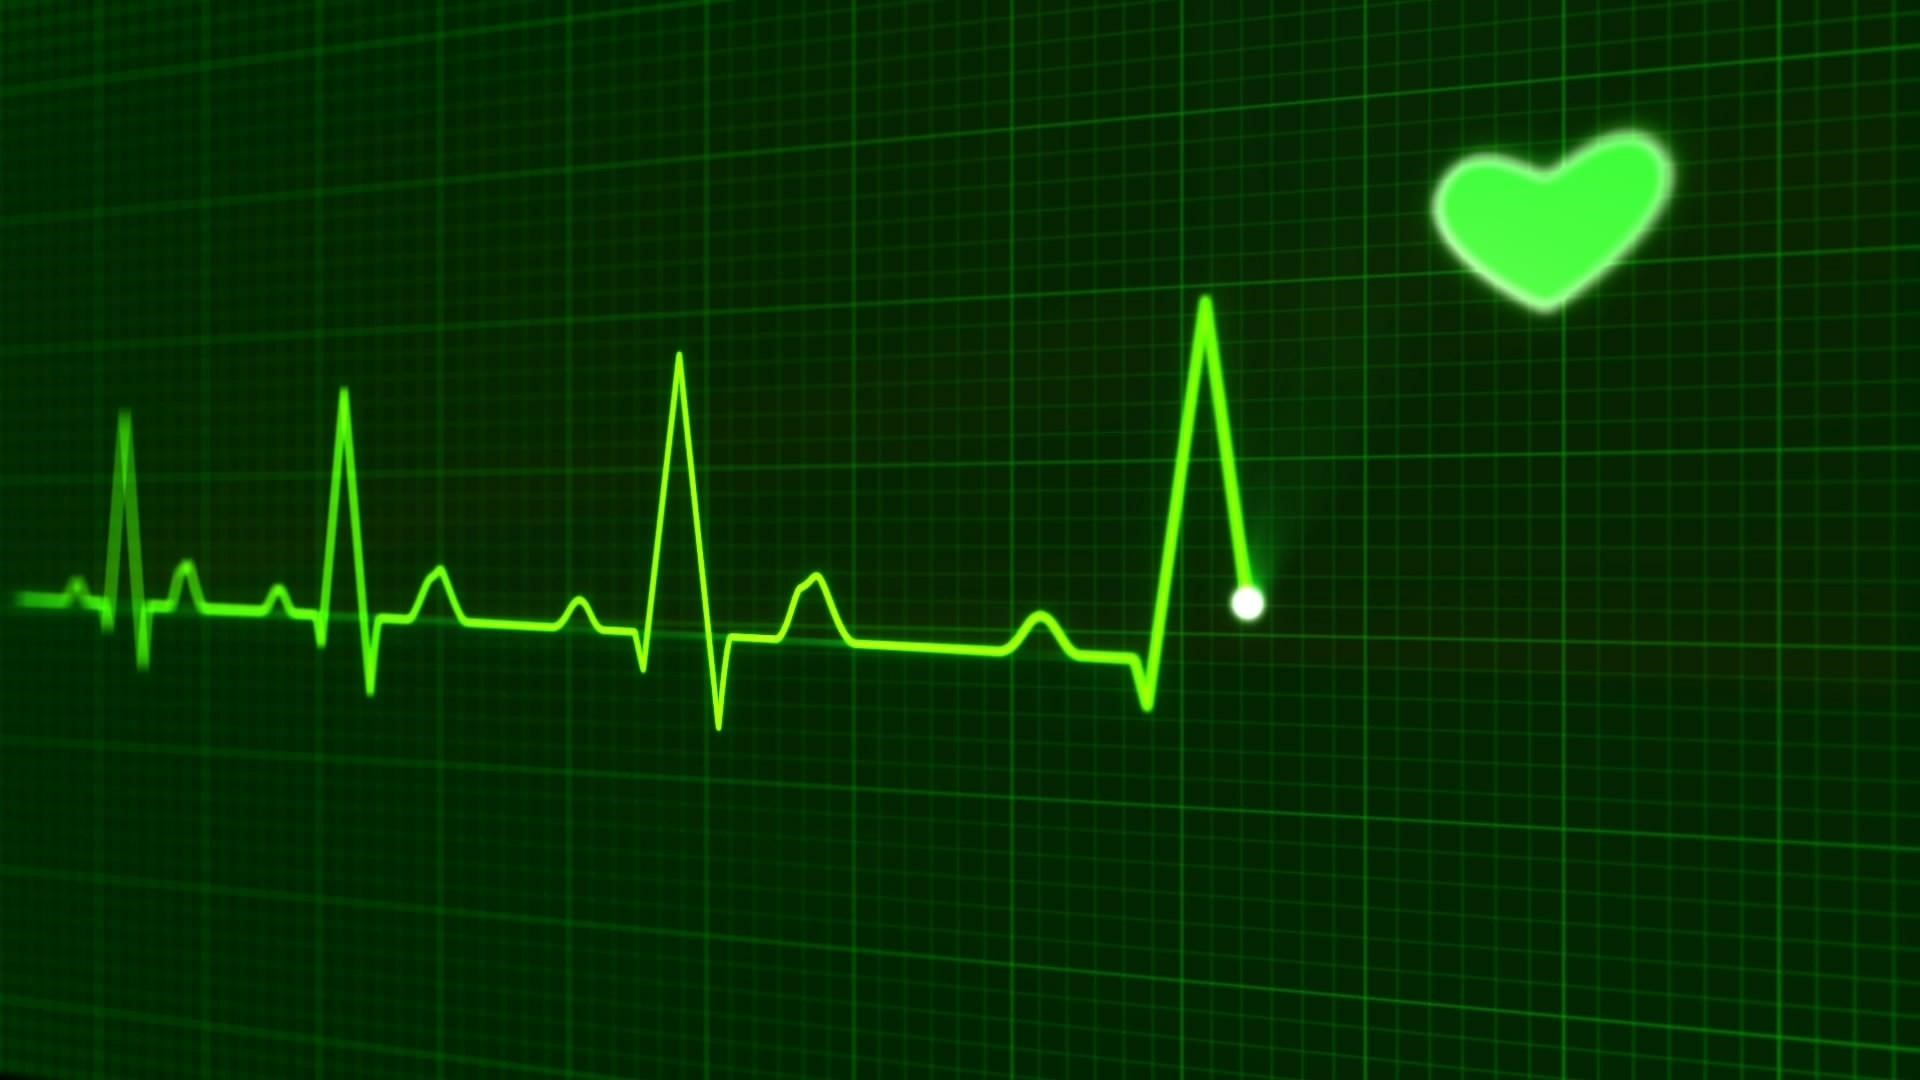 O exagero das atividades aeróbicas e de força pode levar a alterações cardiovasculares, arritmia cardíaca ou mesmo ao infarto durante uma sessão de exercícios.